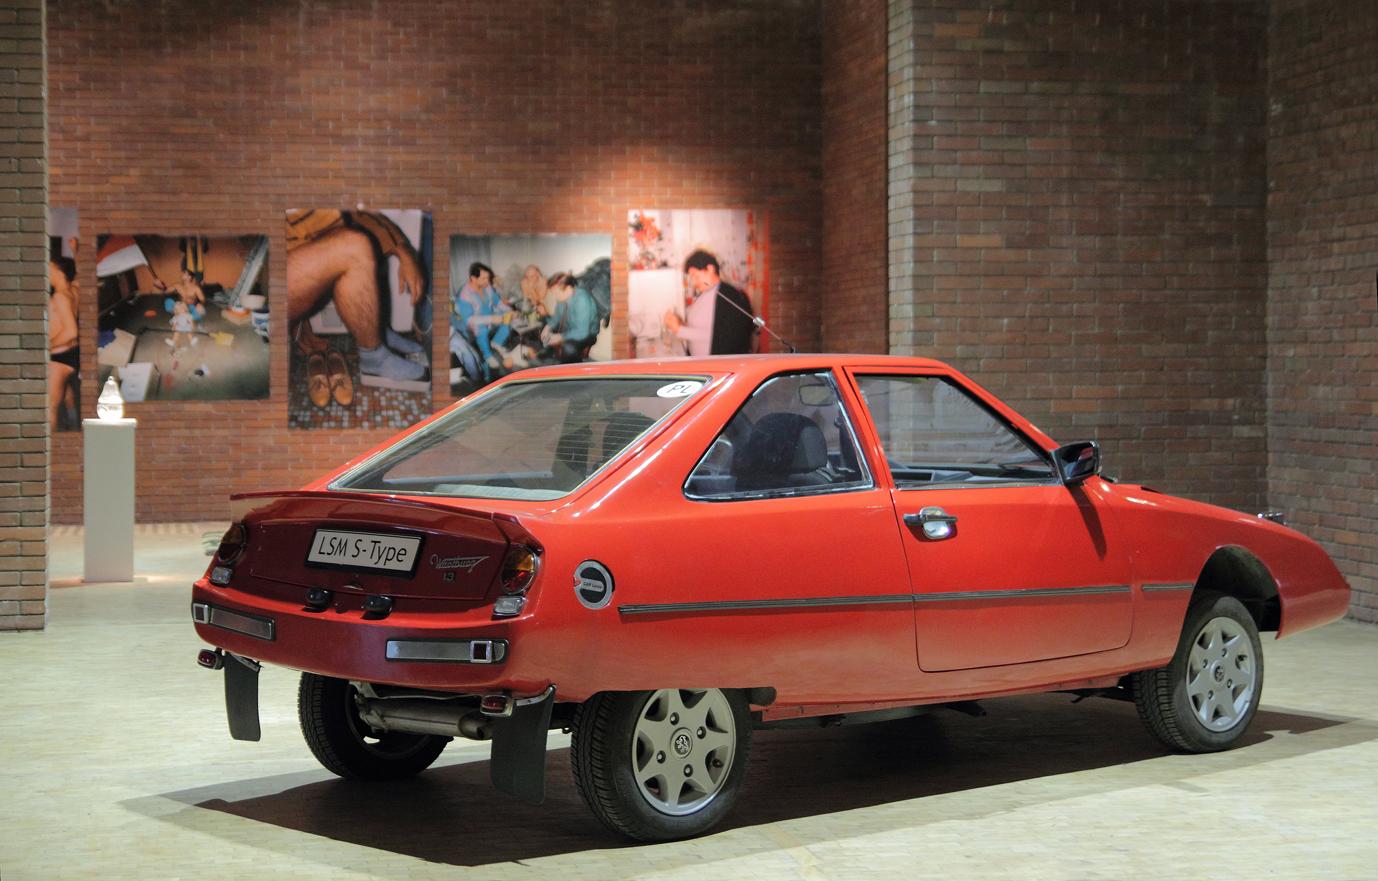 Łukasz Skąpski, LS Motors S-Type, 2011